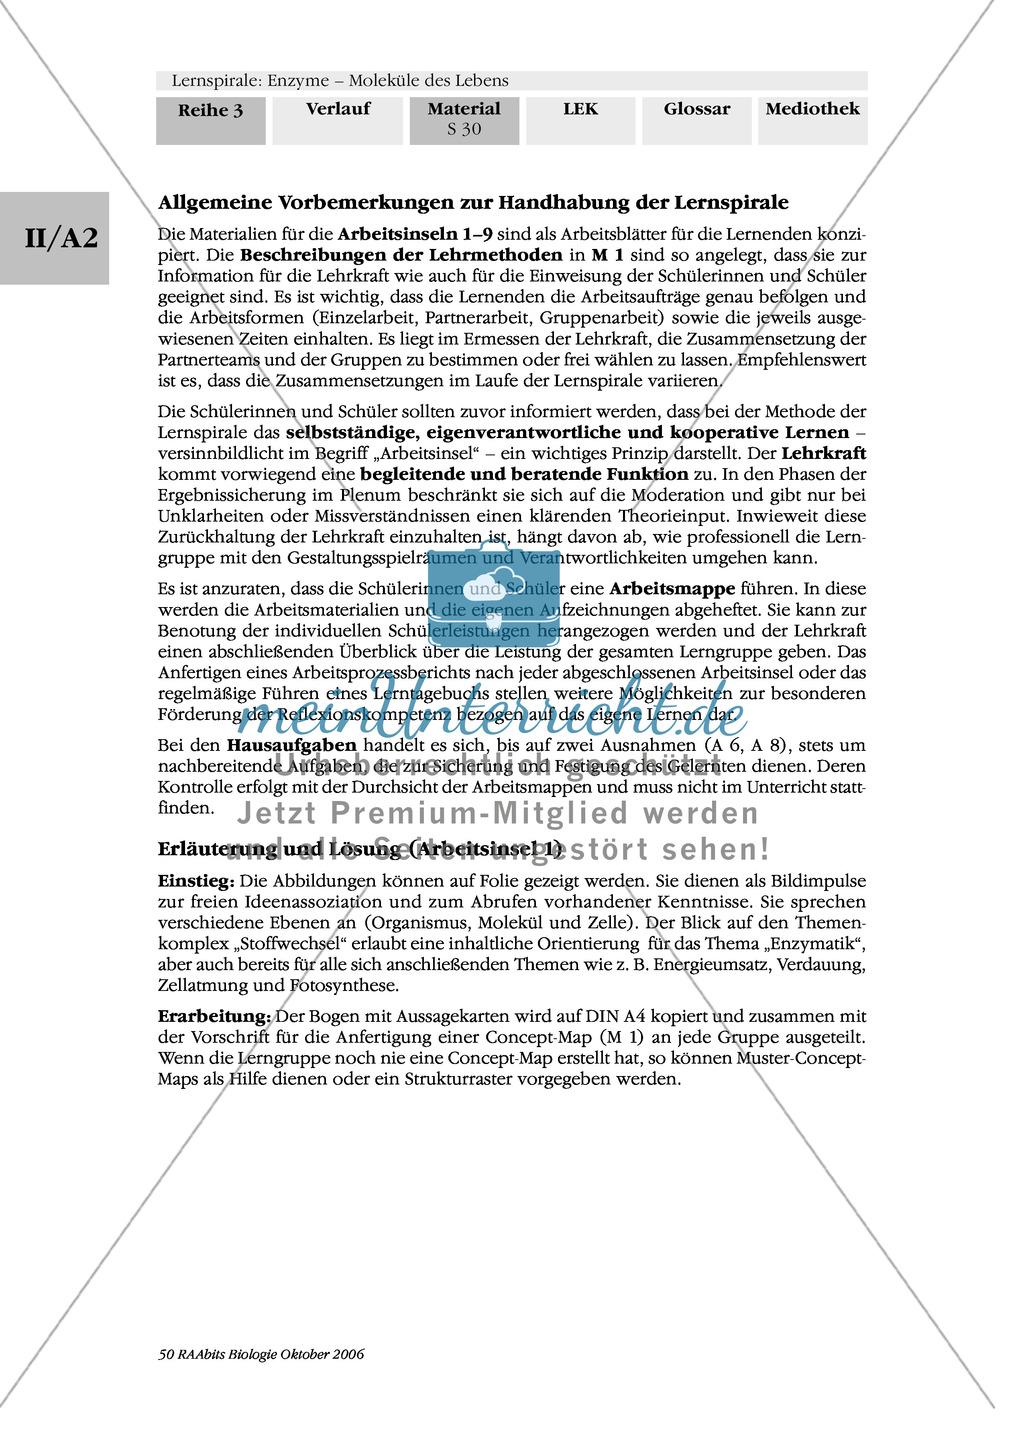 Enzyme: Arbeitsinseln zu den Themen Stoffwechsel, Enzymreaktionen, Hemmstoffe, Cofaktoren, Regulation Preview 22